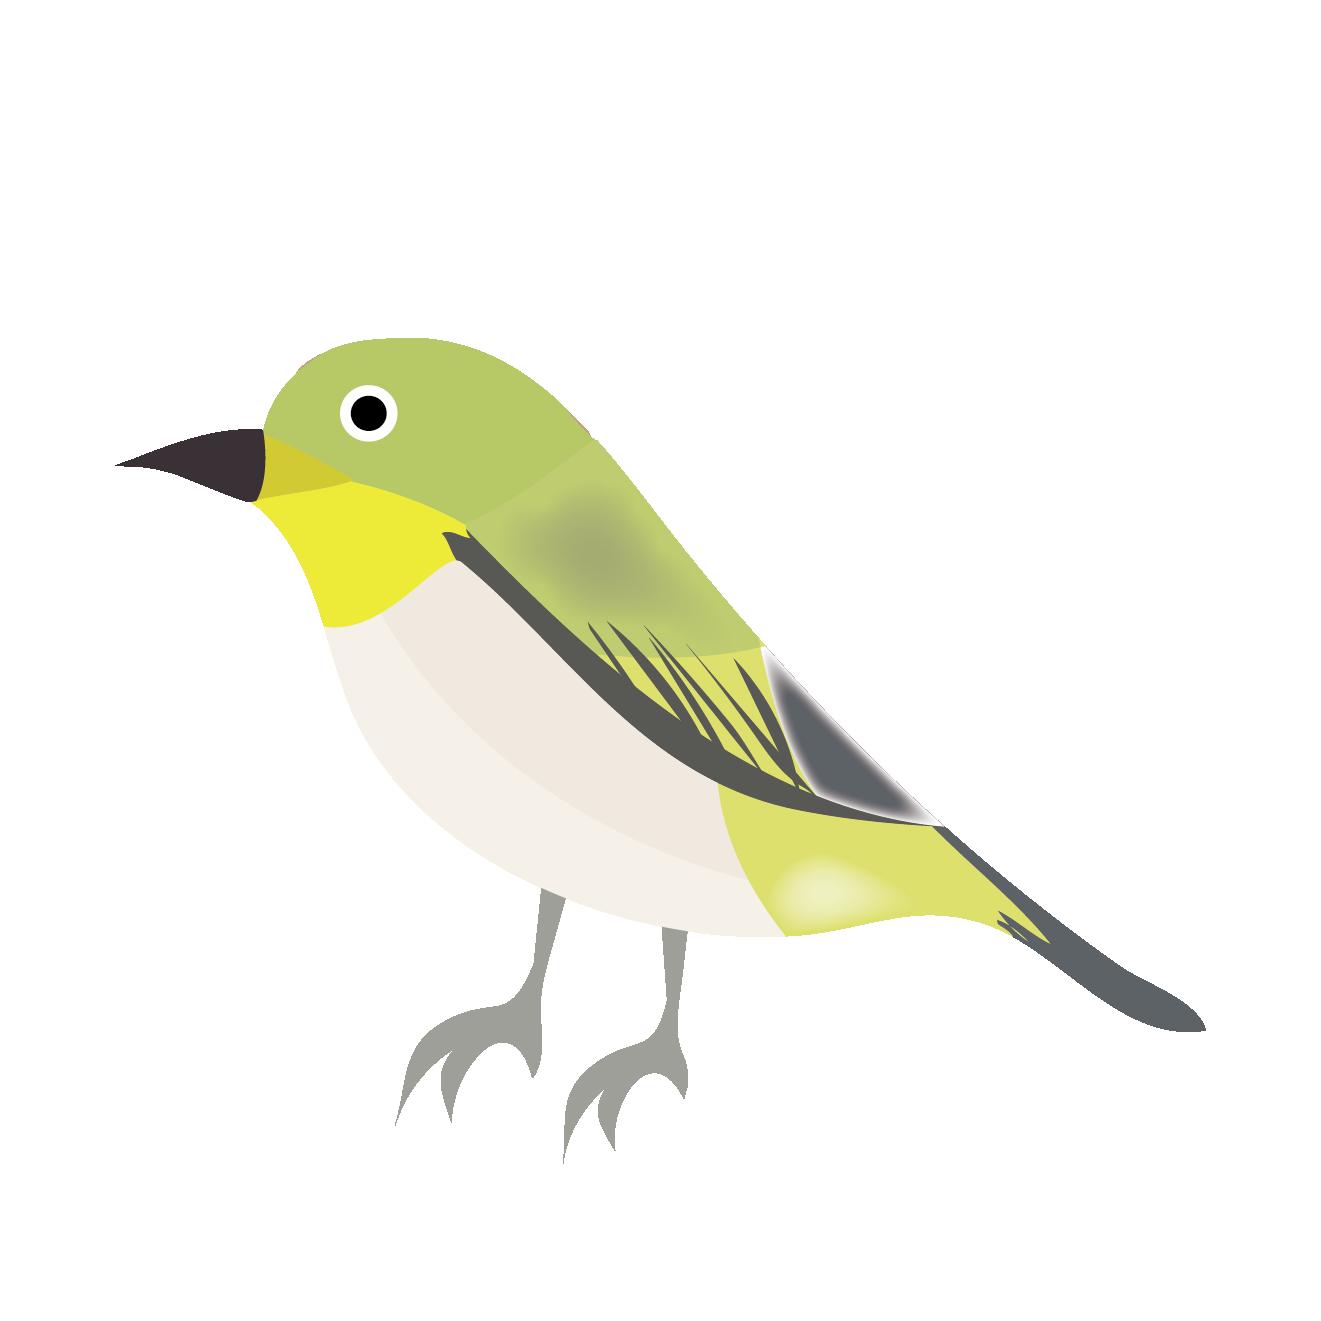 かわいいメジロ 鳥のイラスト | 商用フリー(無料)のイラスト素材なら